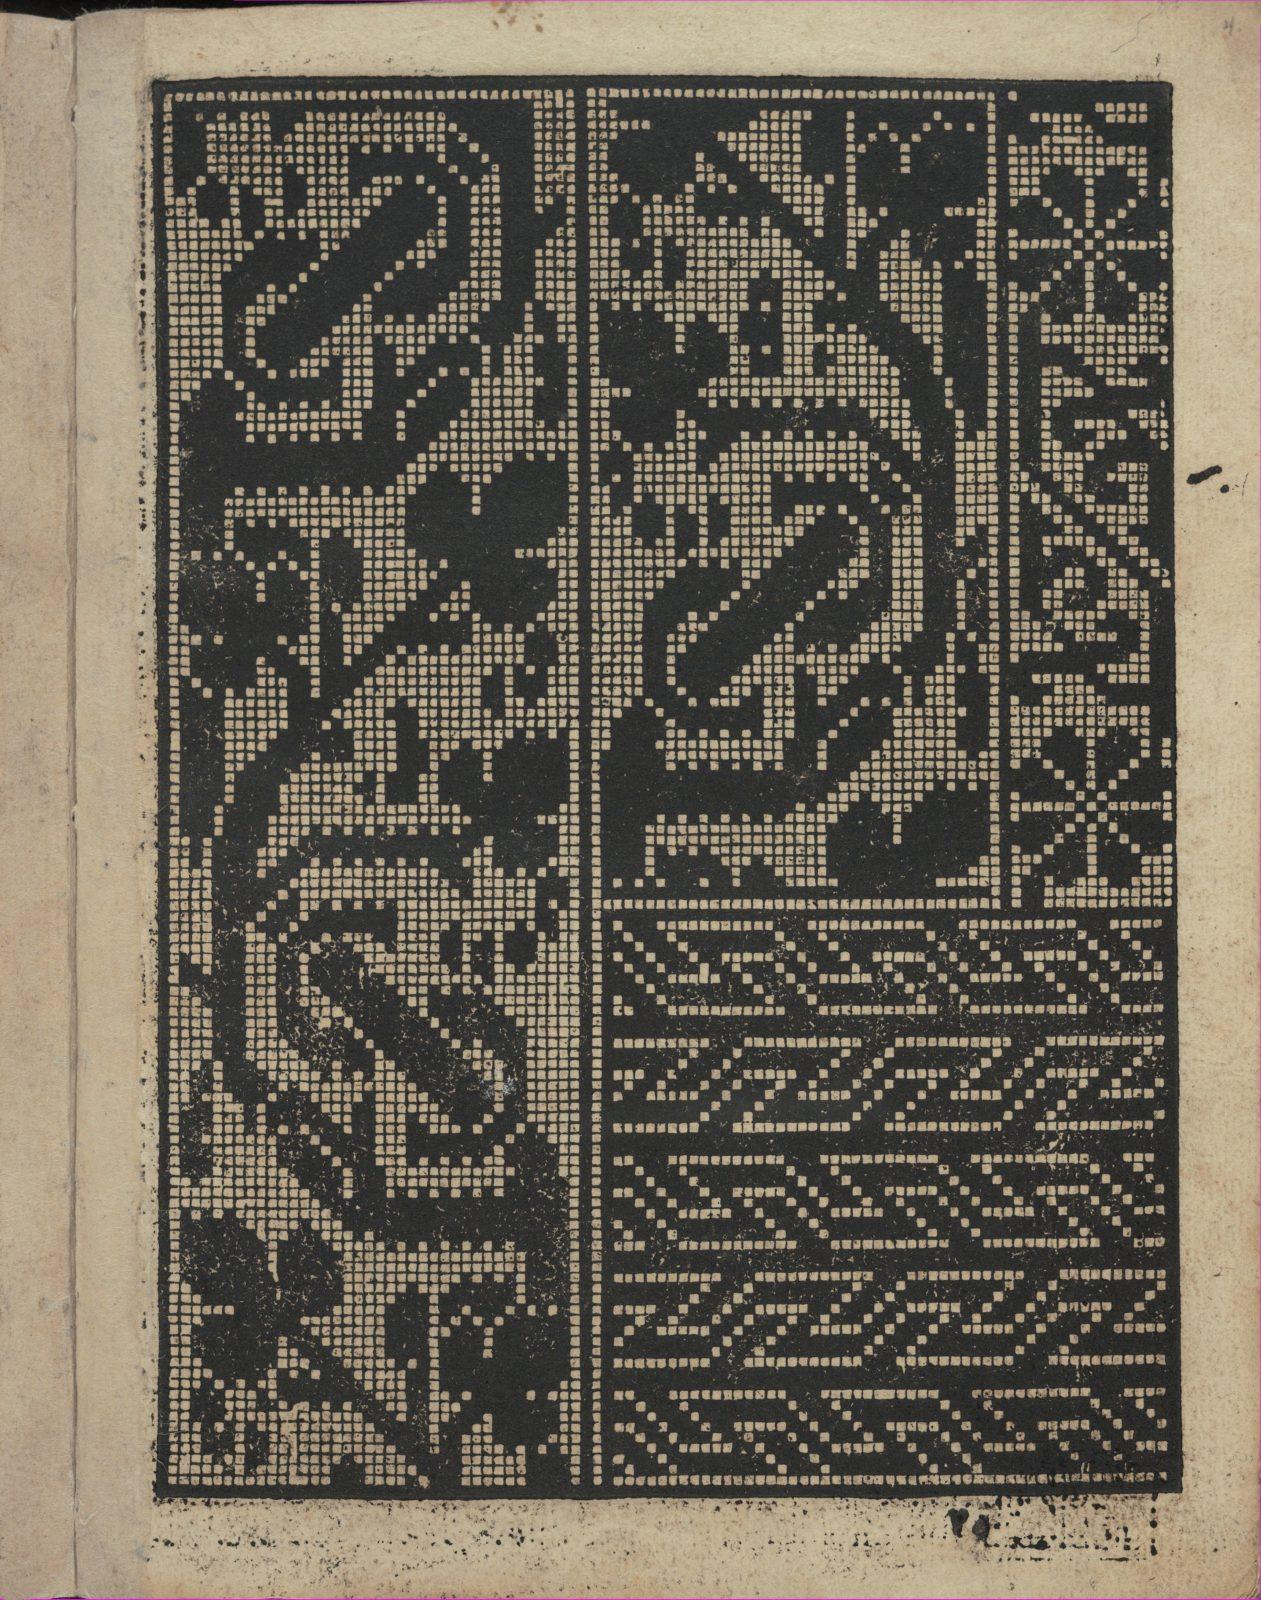 Libbretto nouellamete composto per maestro Domenico da Sera...lauorare di ogni sorte di punti, page 4 (recto)